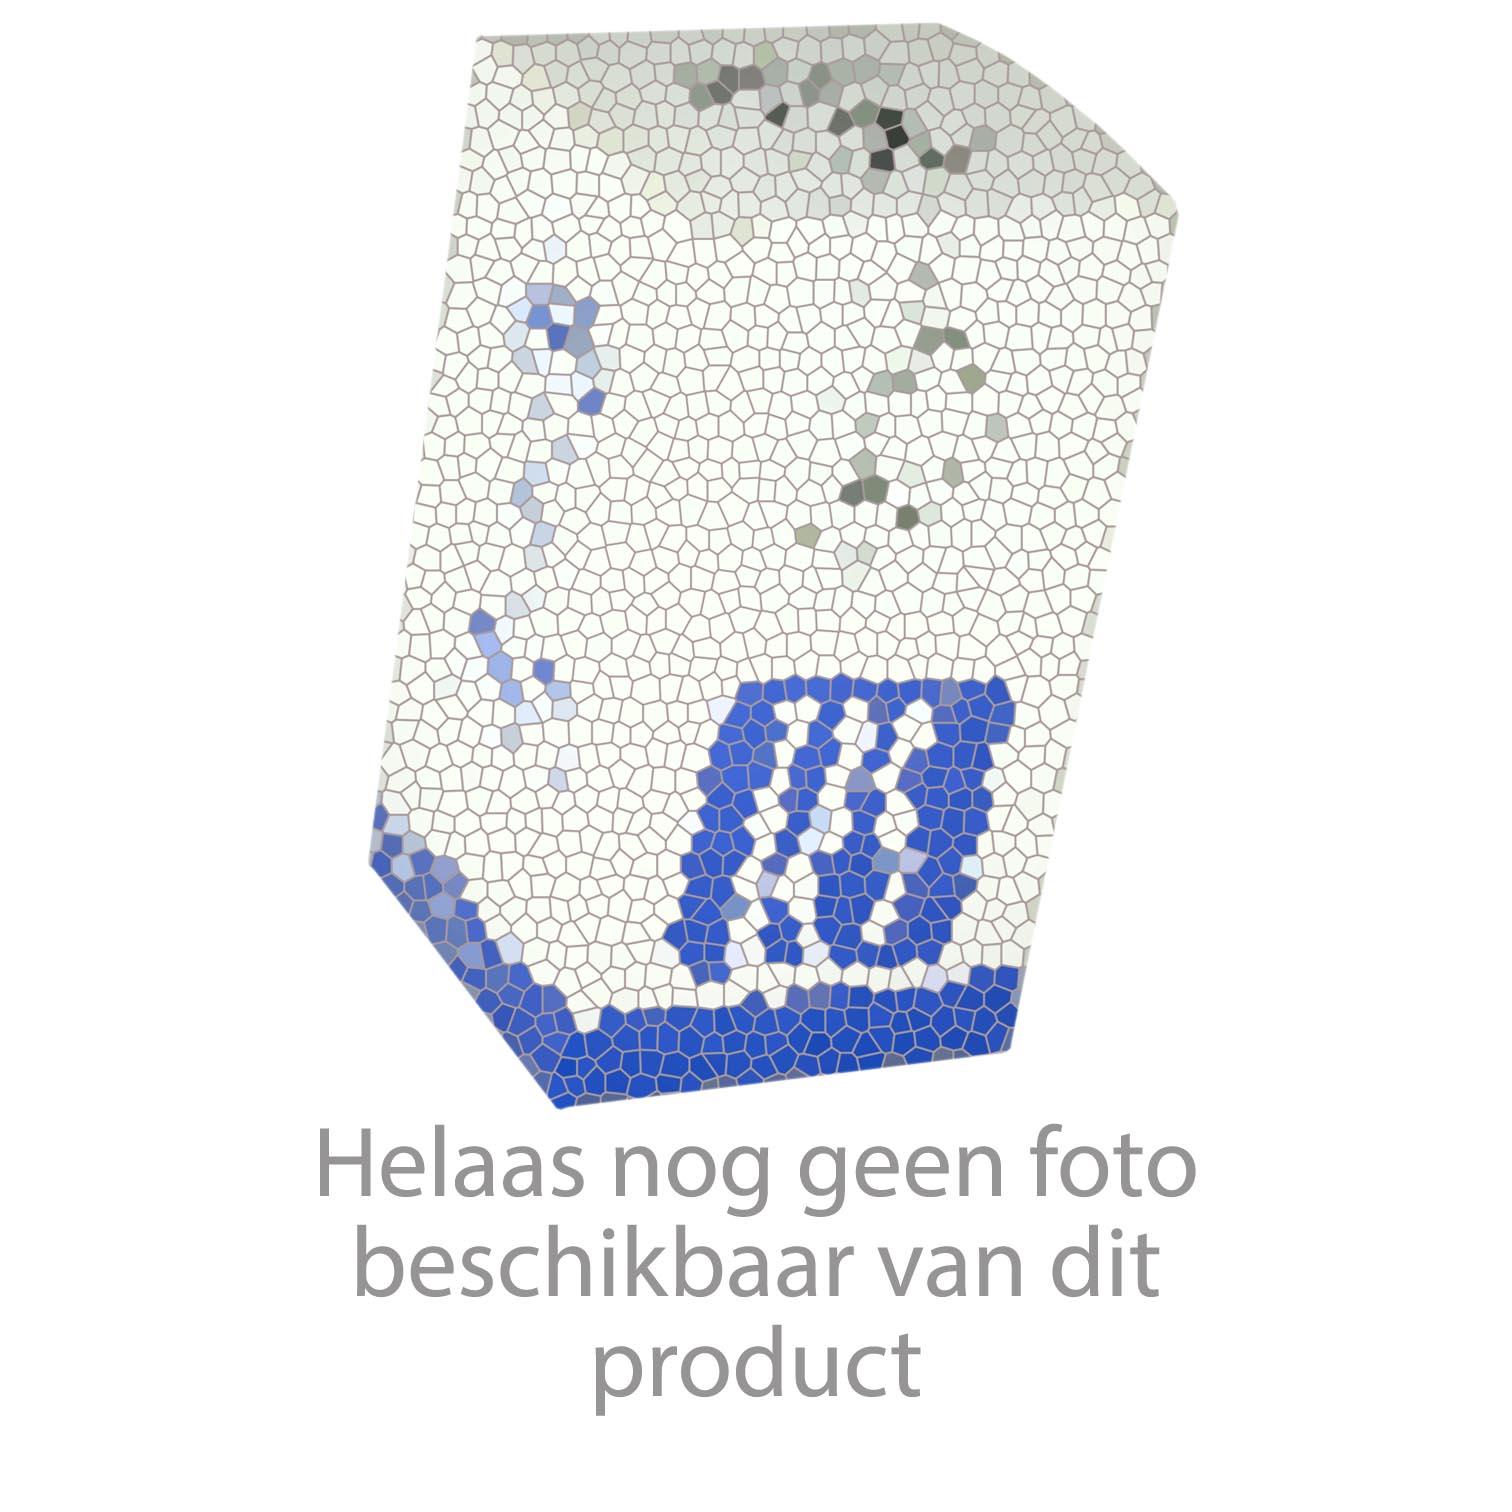 Fm mattsson vorstvrije buitenmengkraan warm koud 1000 mm 4282 1000 online kopen bij - Kleur warm en koud ...